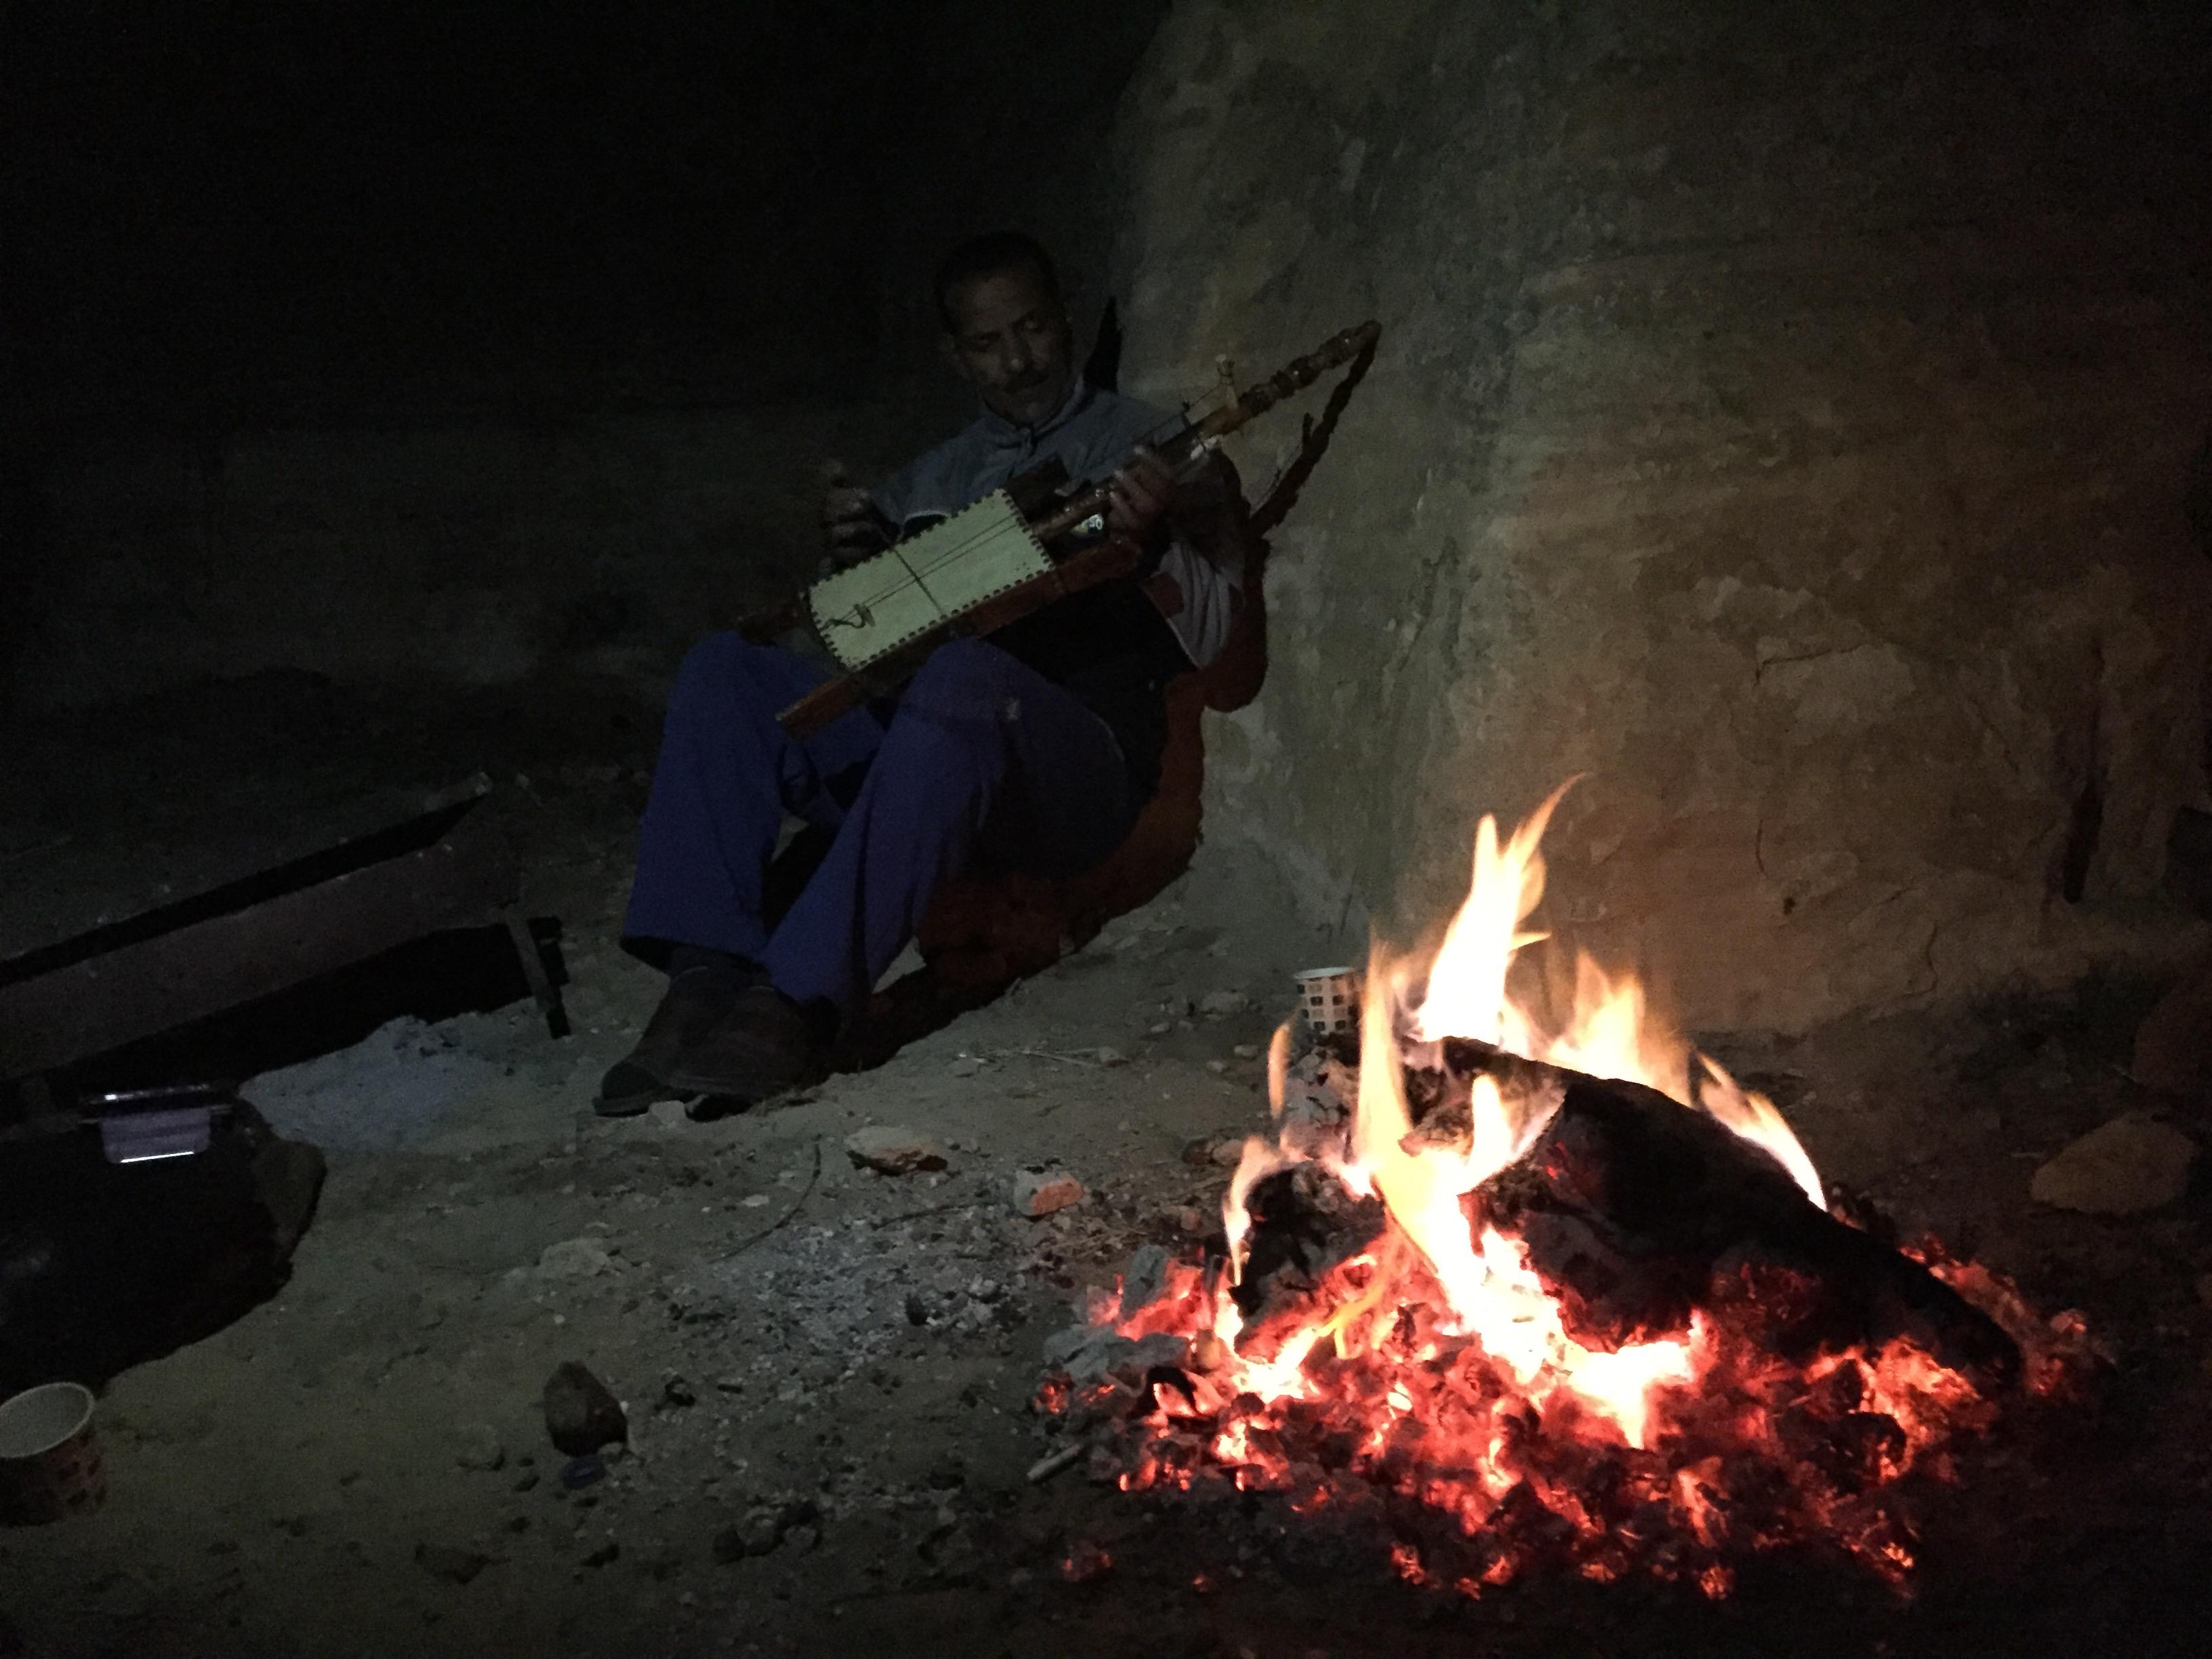 Escuchando a un músico tocar el rebab en una cueva de Petra; ventajas de visitar Petra de mochilero